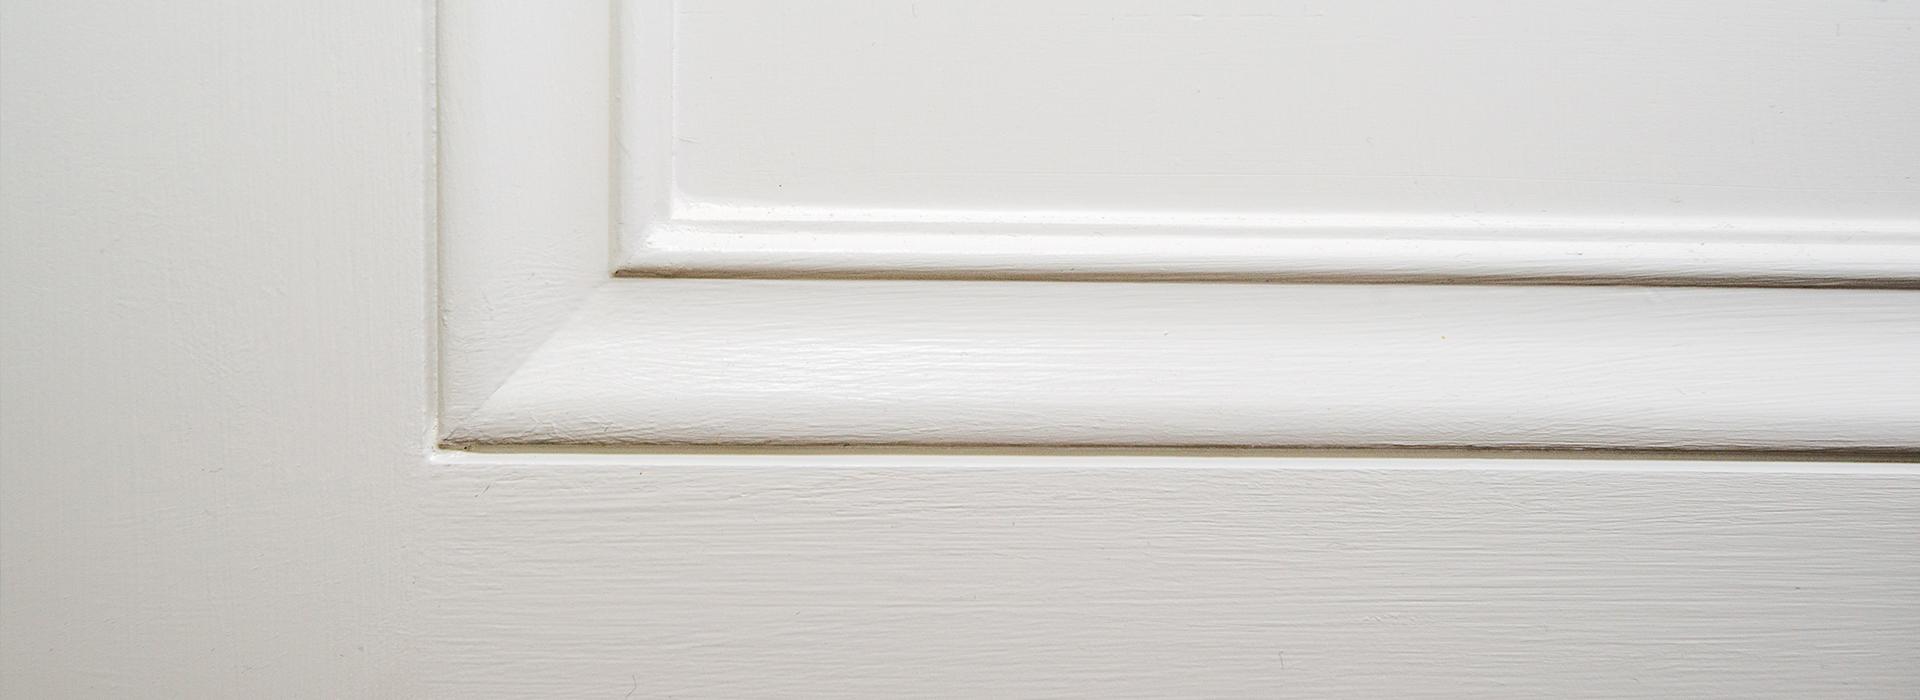 White door moulding